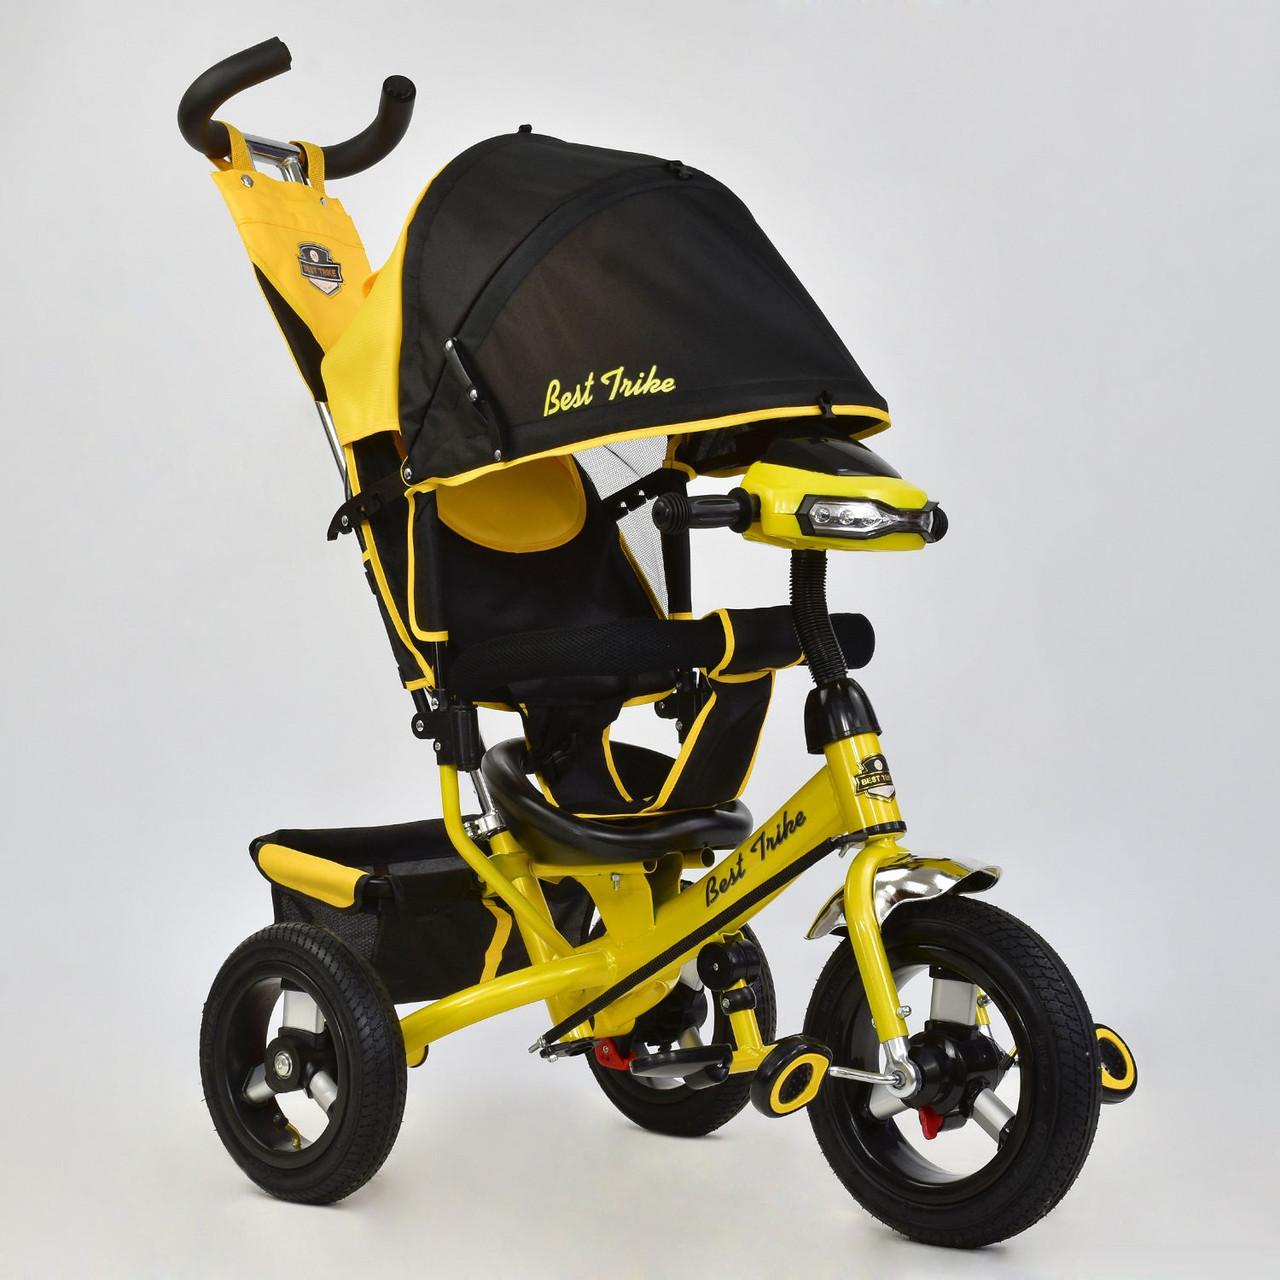 Велосипед трехколесный с фарой Best Trike 6588B-2810 желтый (надувные колеса)